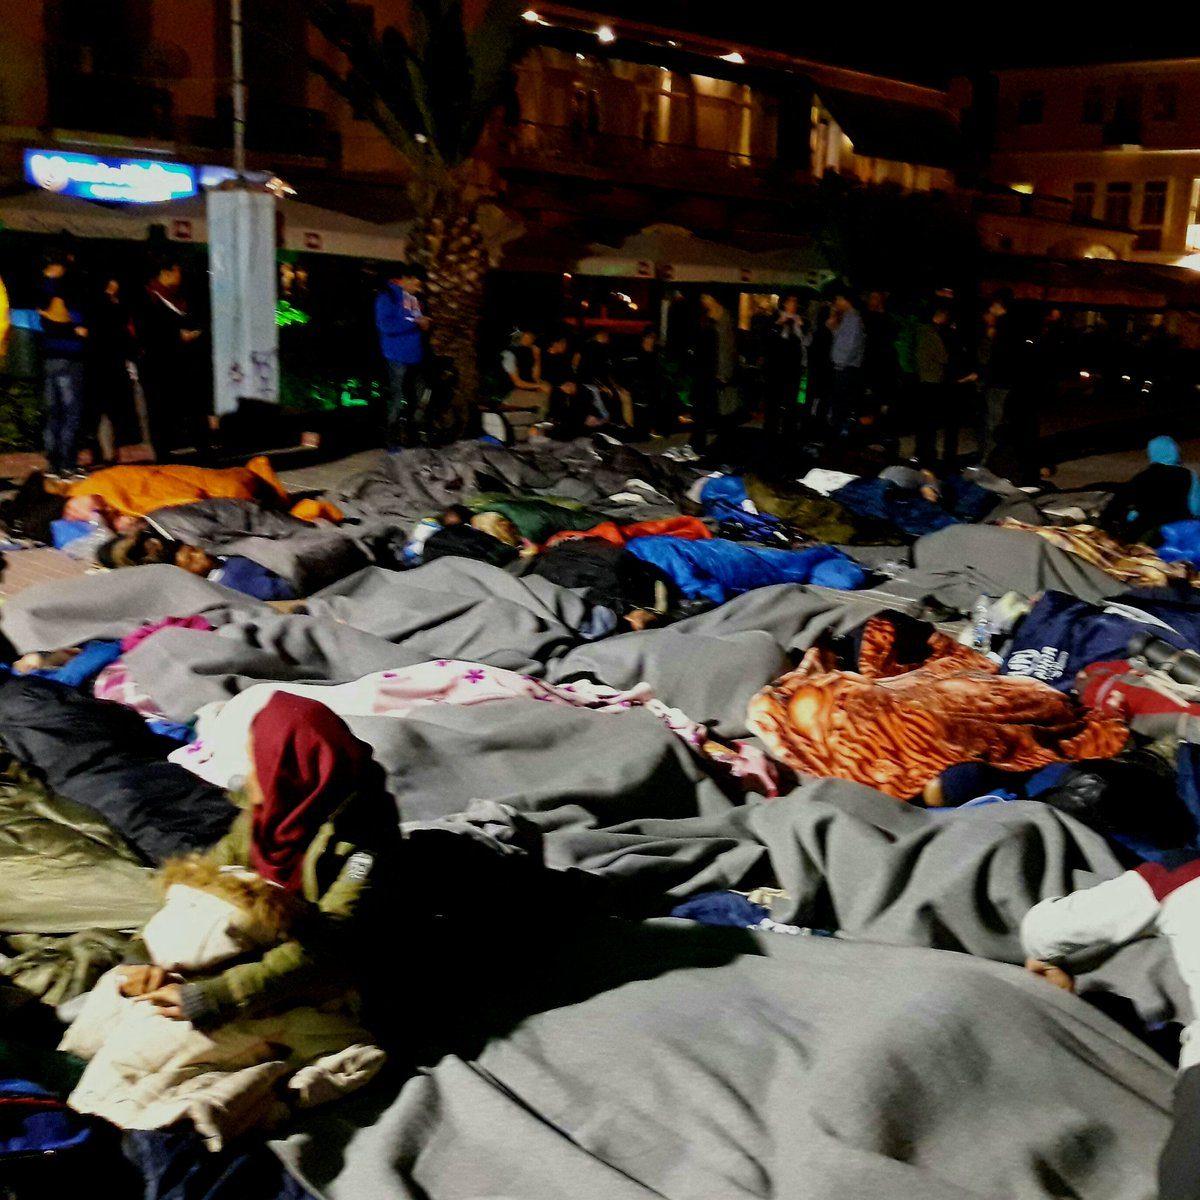 Απεργία πείνας ξεκίνησαν αιτούντες άσυλο στη Μυτιλήνη- Ζητούν να φύγουν από το νησί